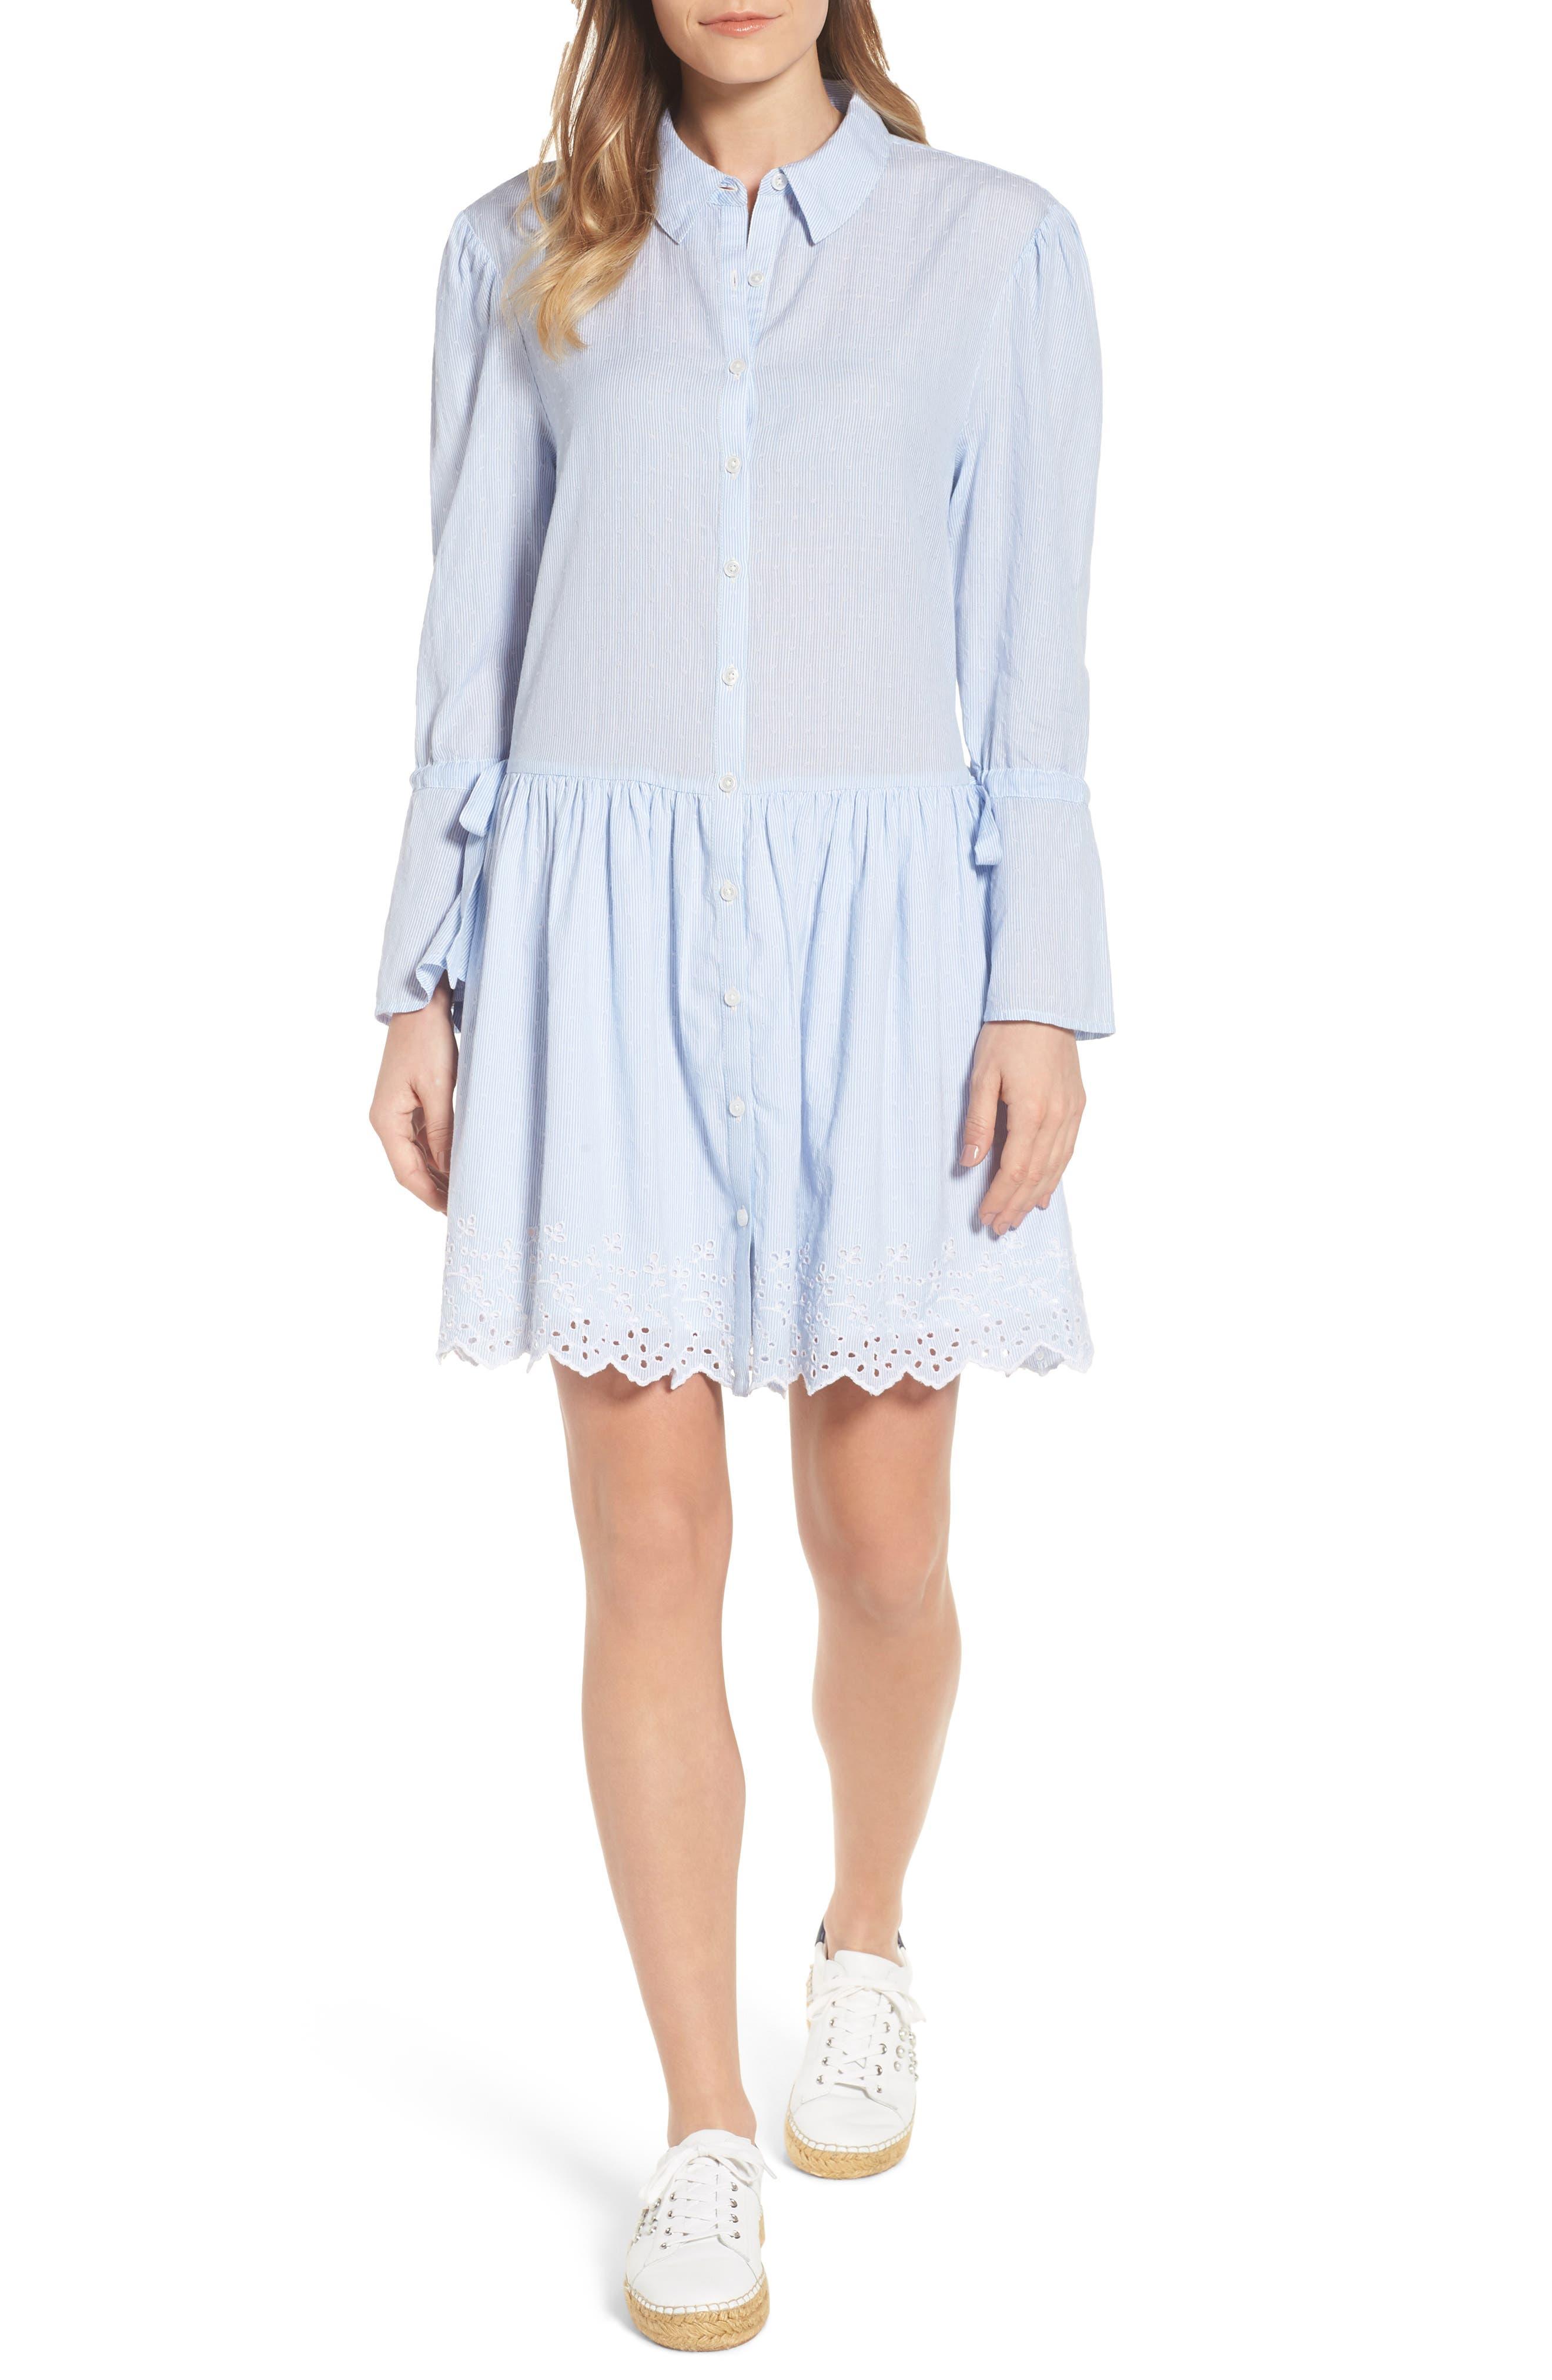 Main Image - Caslon® Pinstripe Eyelet Trim Cotton Shirtdress (Regular & Petite)